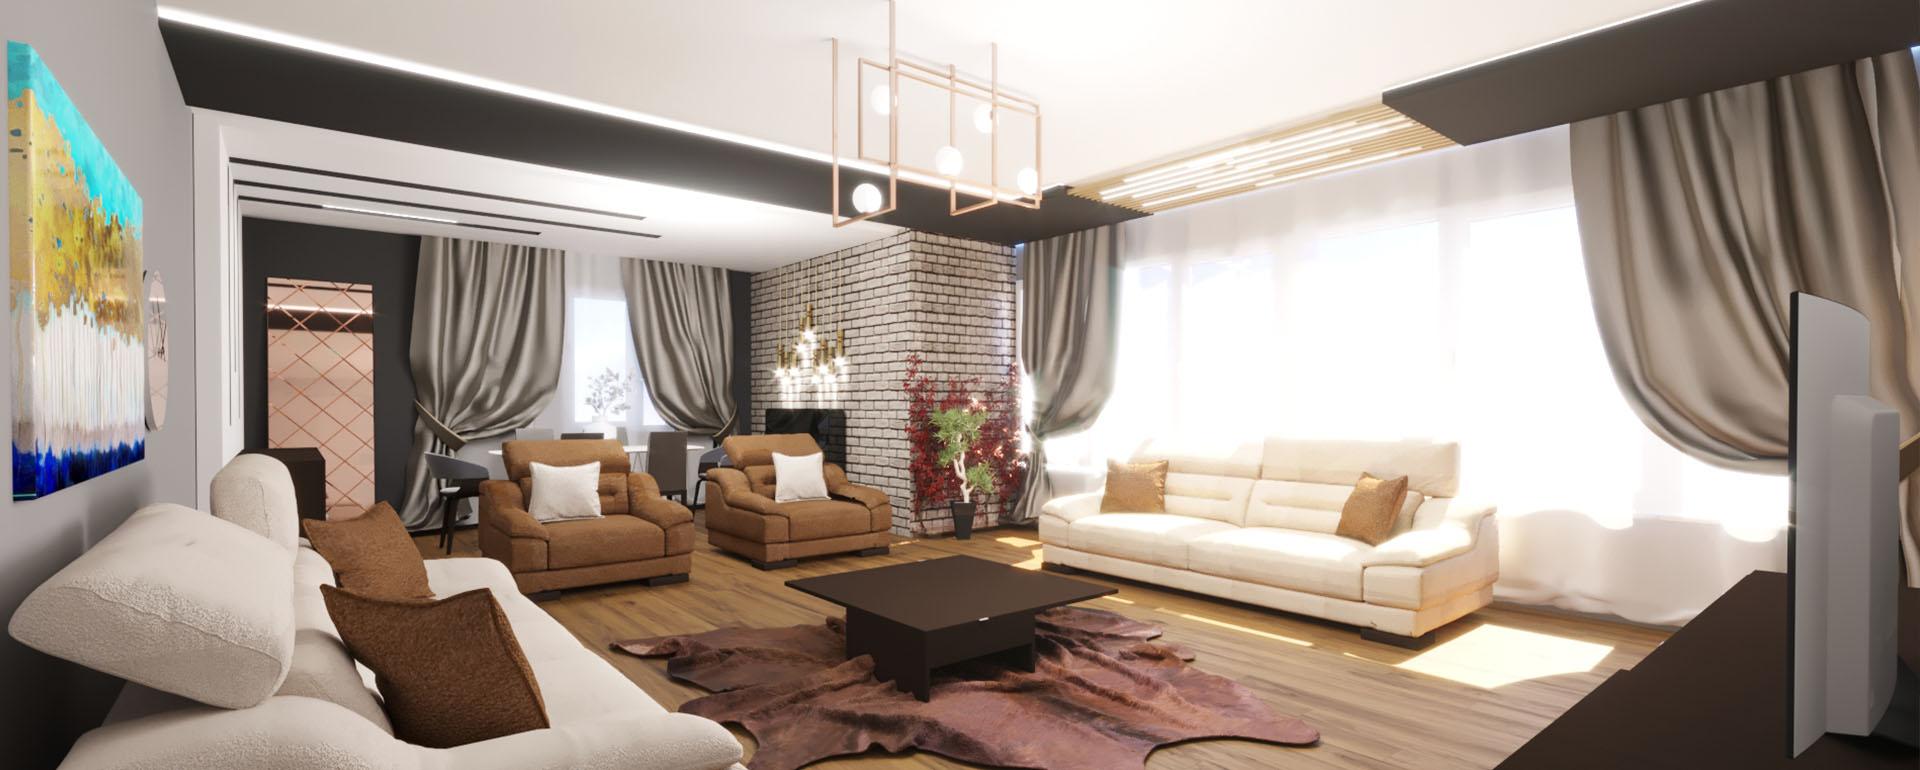 Lia mimarlık konut modern içmekan tasarımı